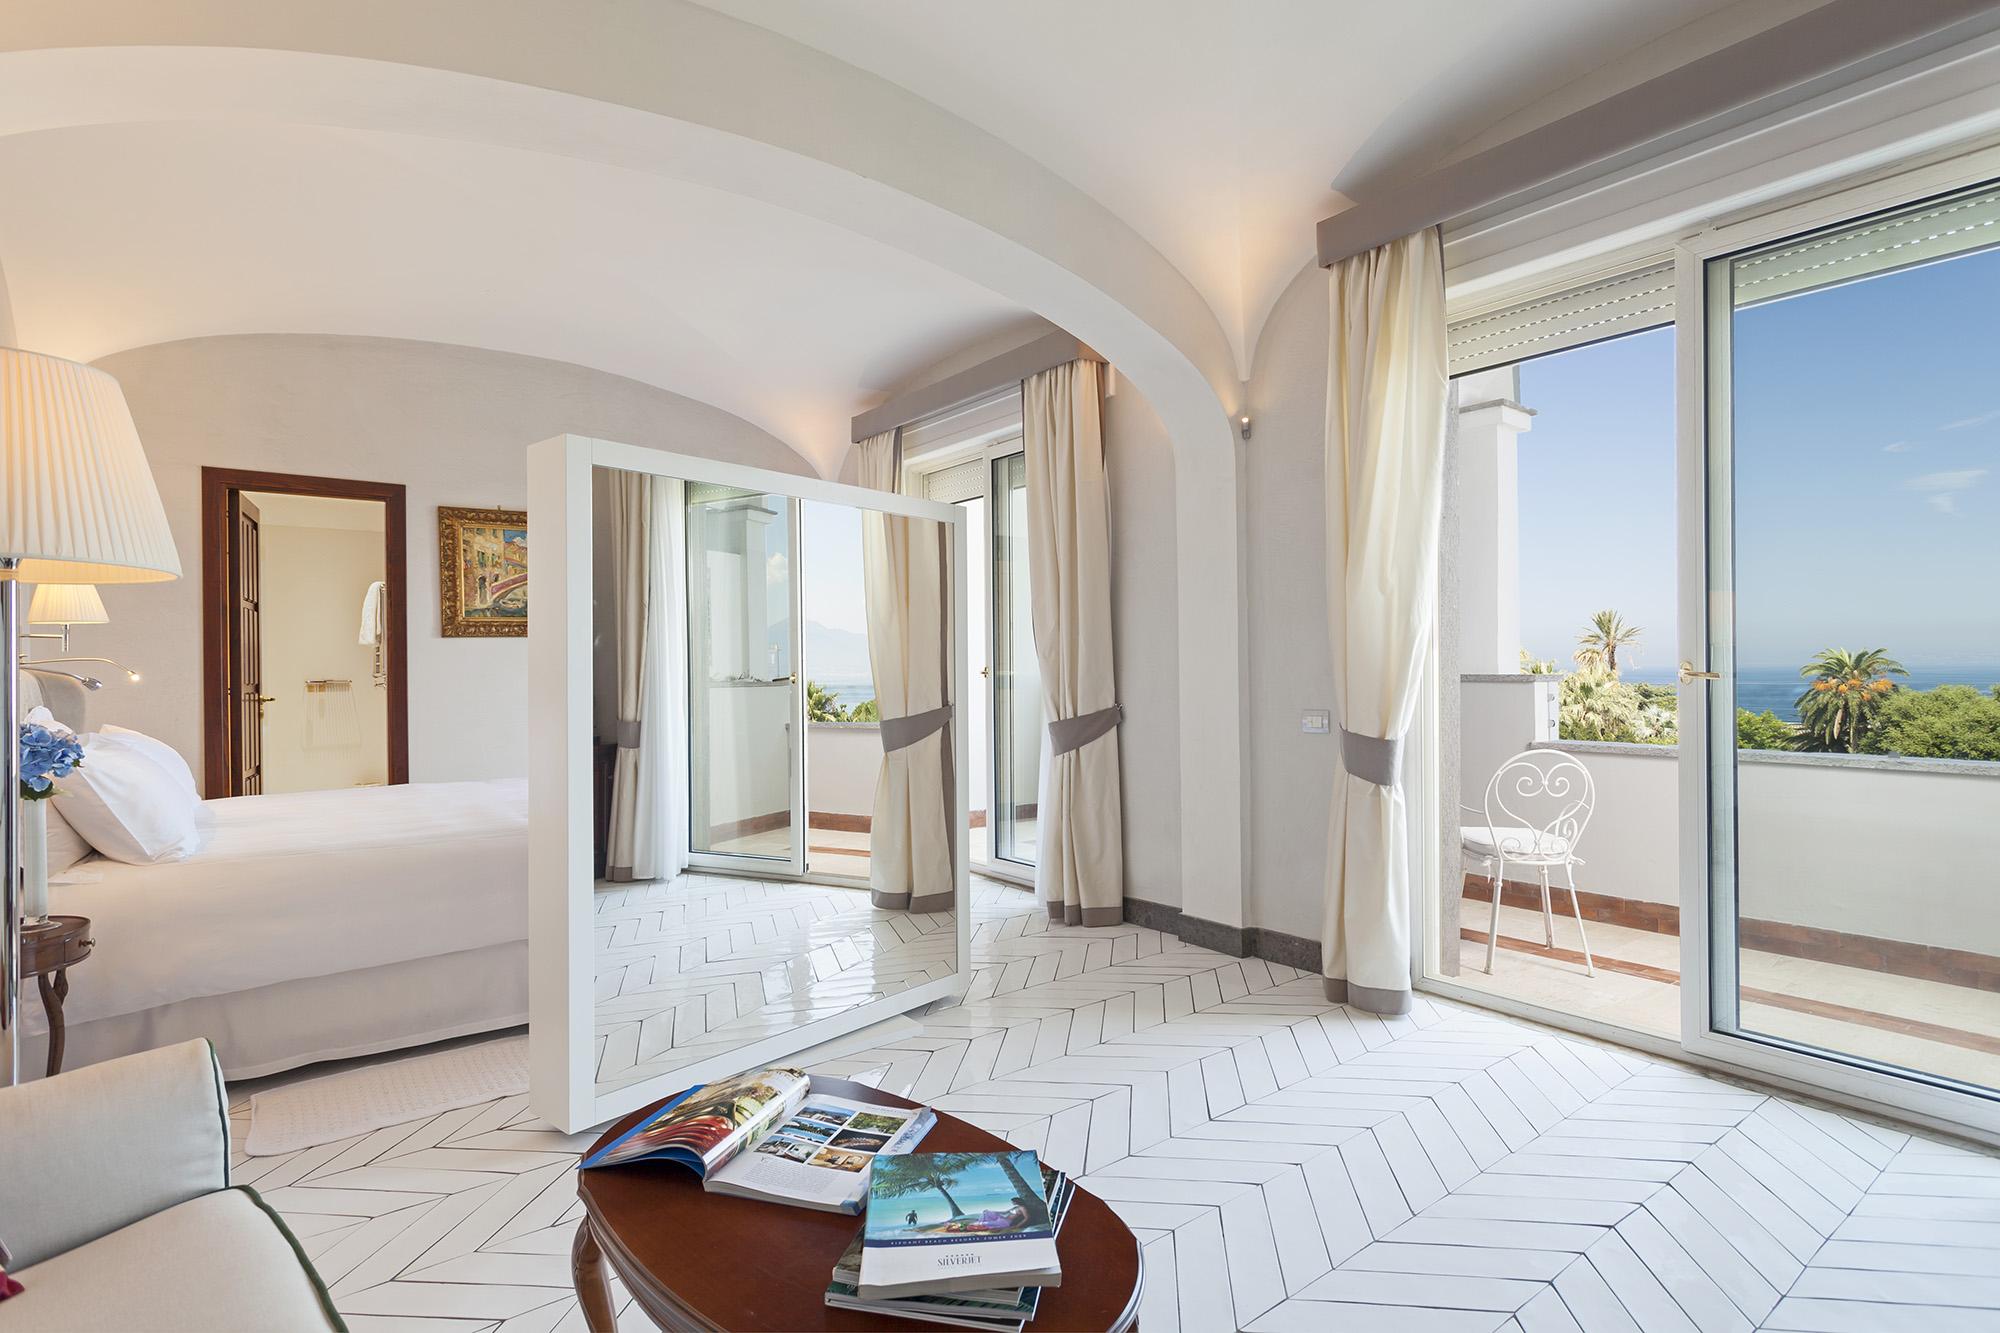 Chambre spacieuse, lumineuse et épurée avec un grand miroir près du lit double et une petite table basse en bois ainsi qu'un petit aperçu du canapé. La chambre a une terrasse qui donne une vue sur la mer.